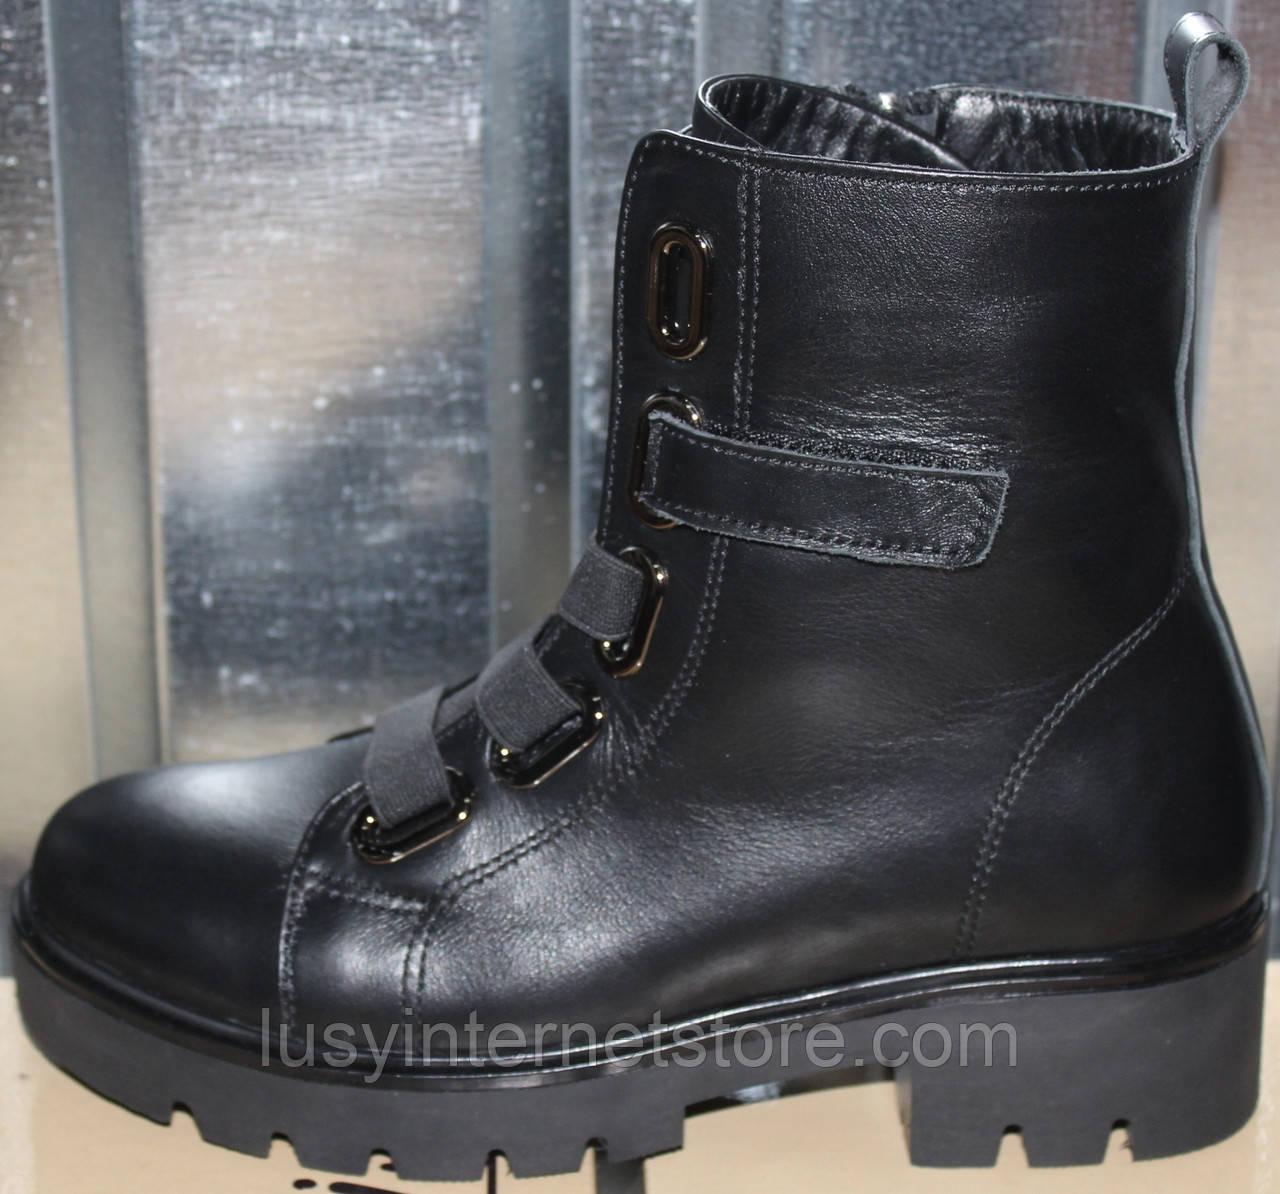 Ботинки женские демисезонные кожаные на низком каблуке от производителя модель РИА-6Д